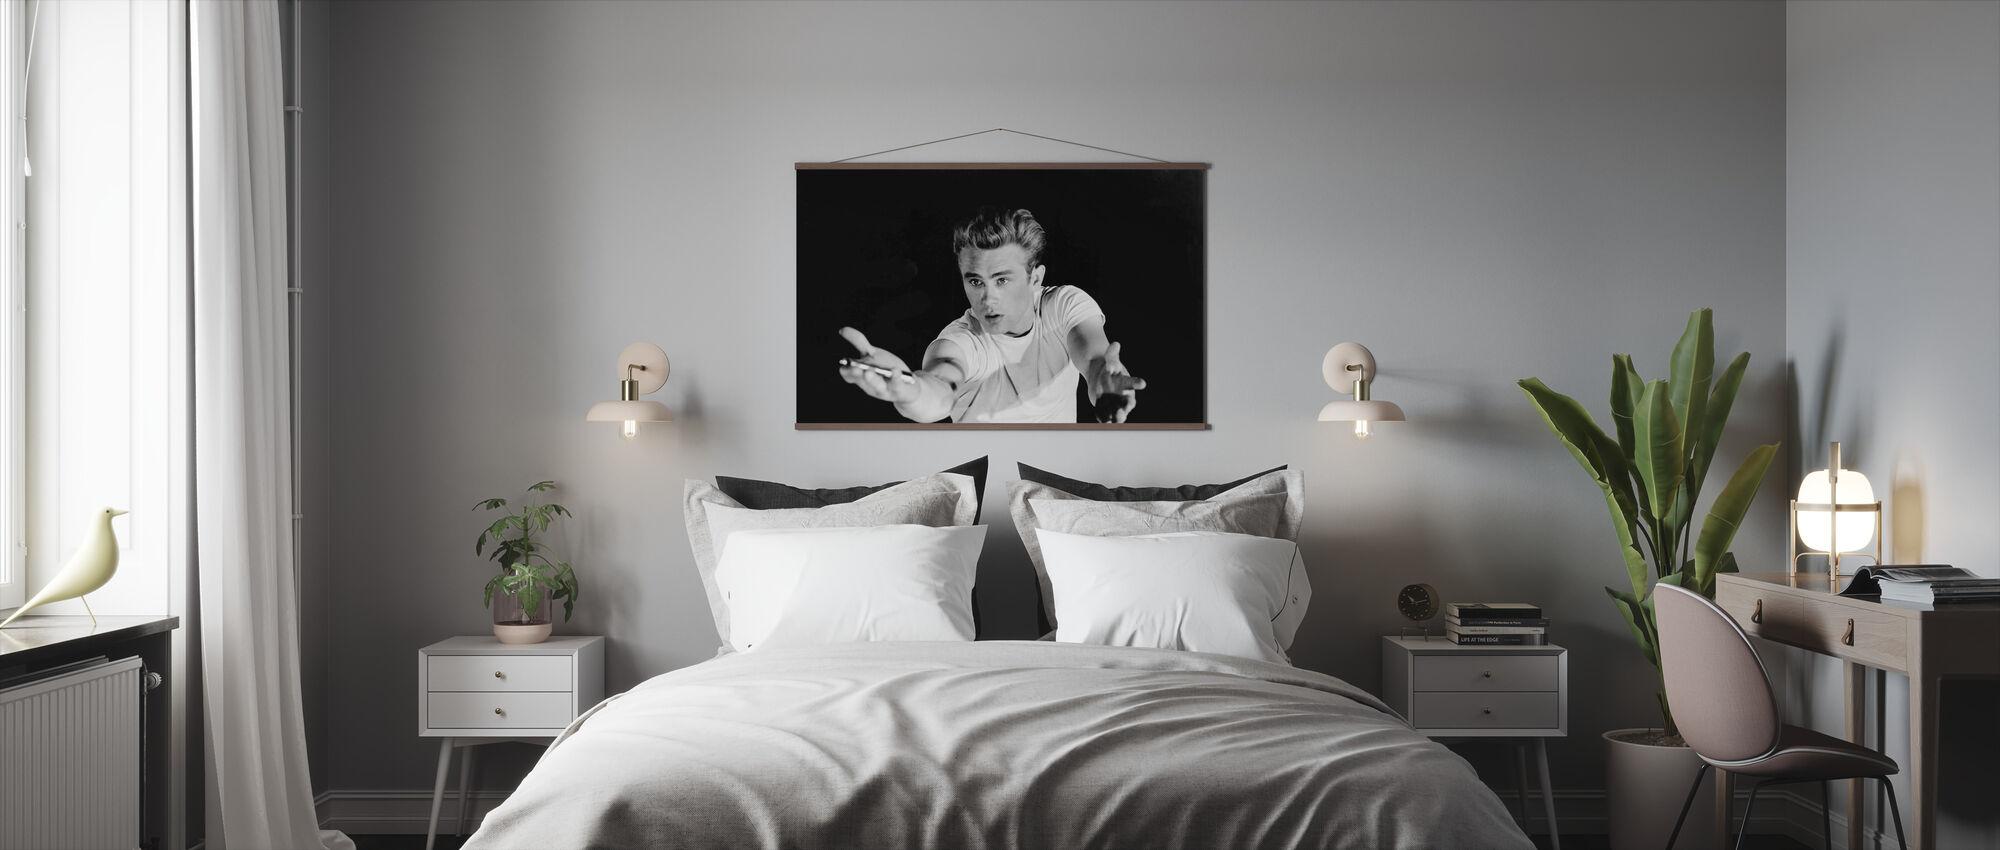 Jim Stark - Poster - Bedroom